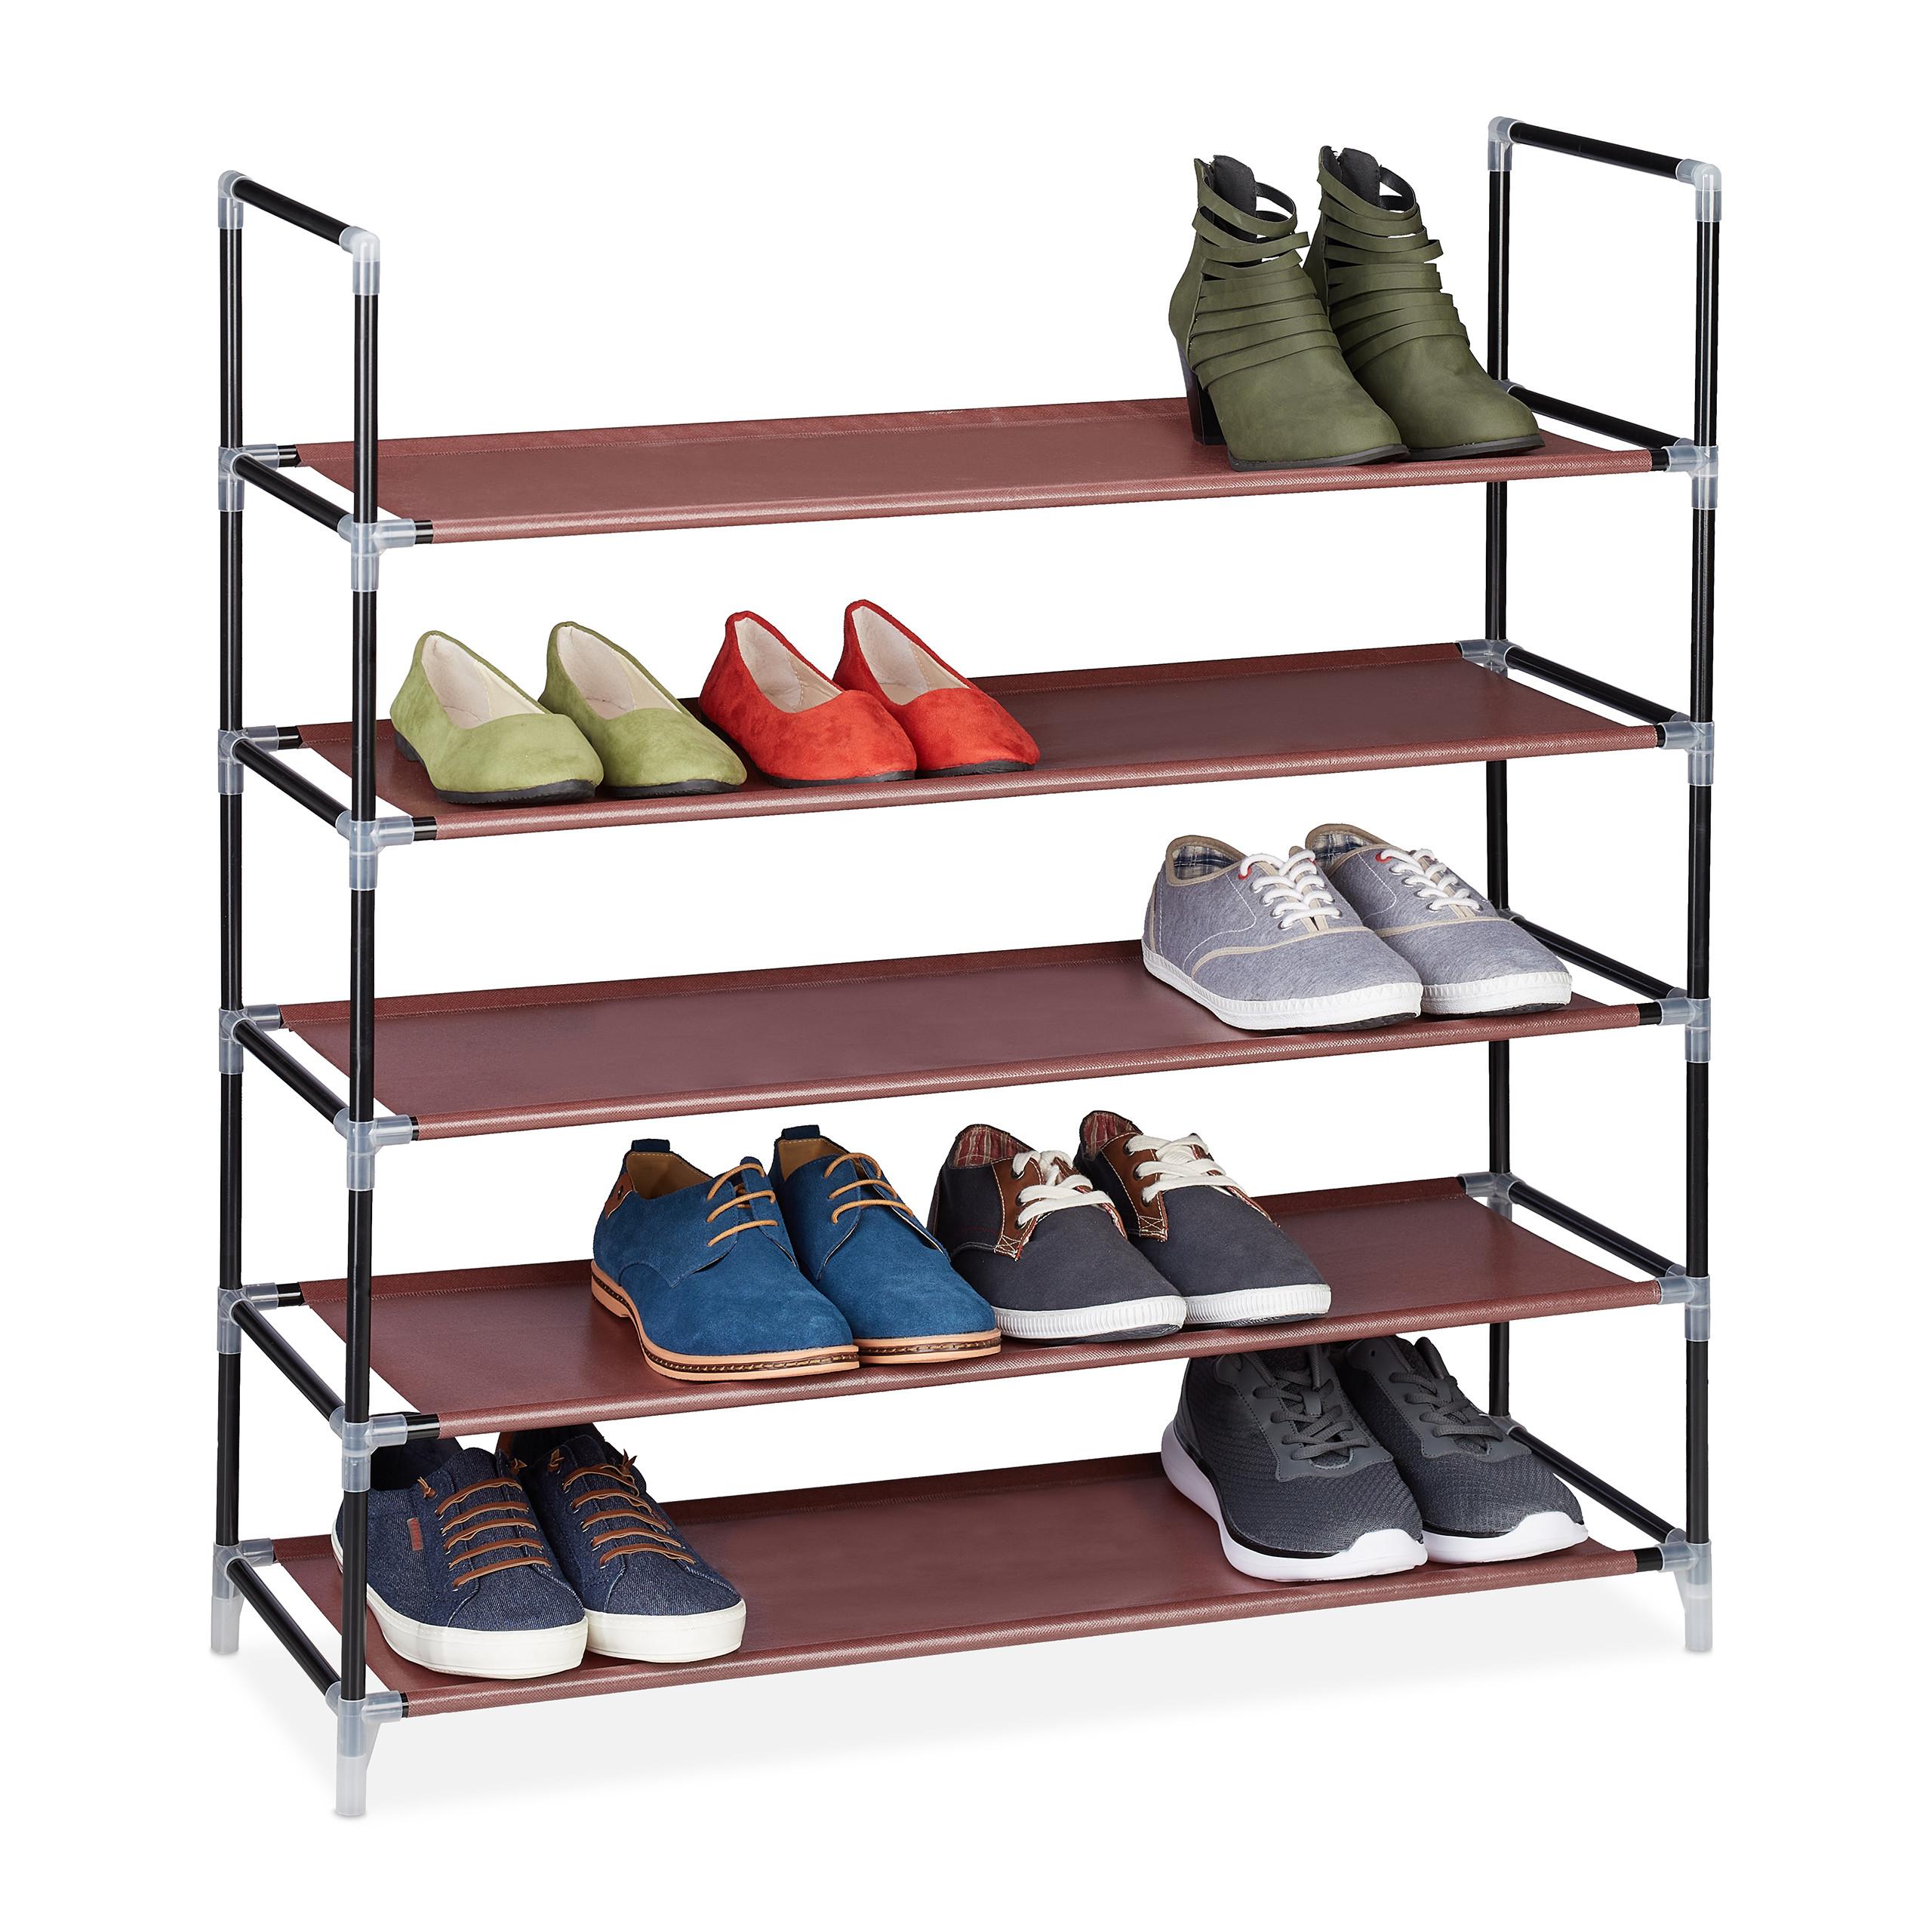 Schuhregal mit Griffen Schuhablage Schuhständer Schuhschrank 5 Ablagen 20 Paar